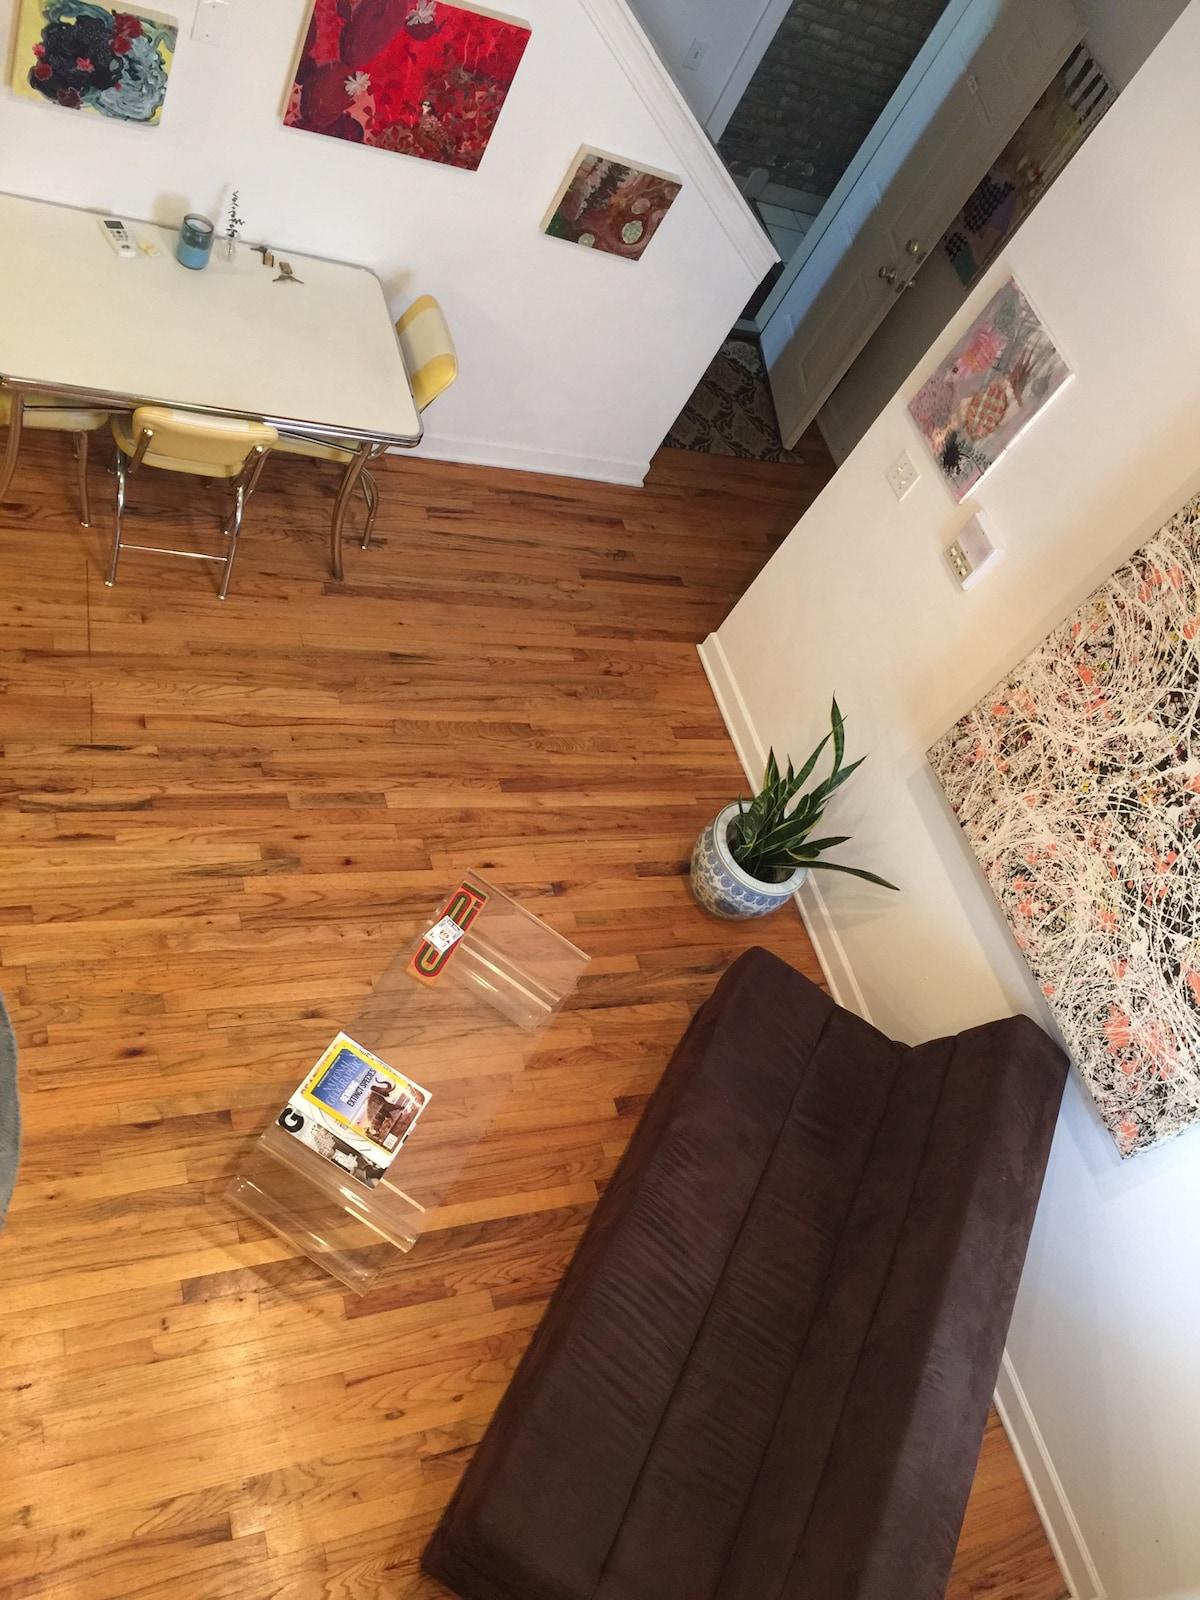 Artist's Loft/Gallery: 3 bedrooms